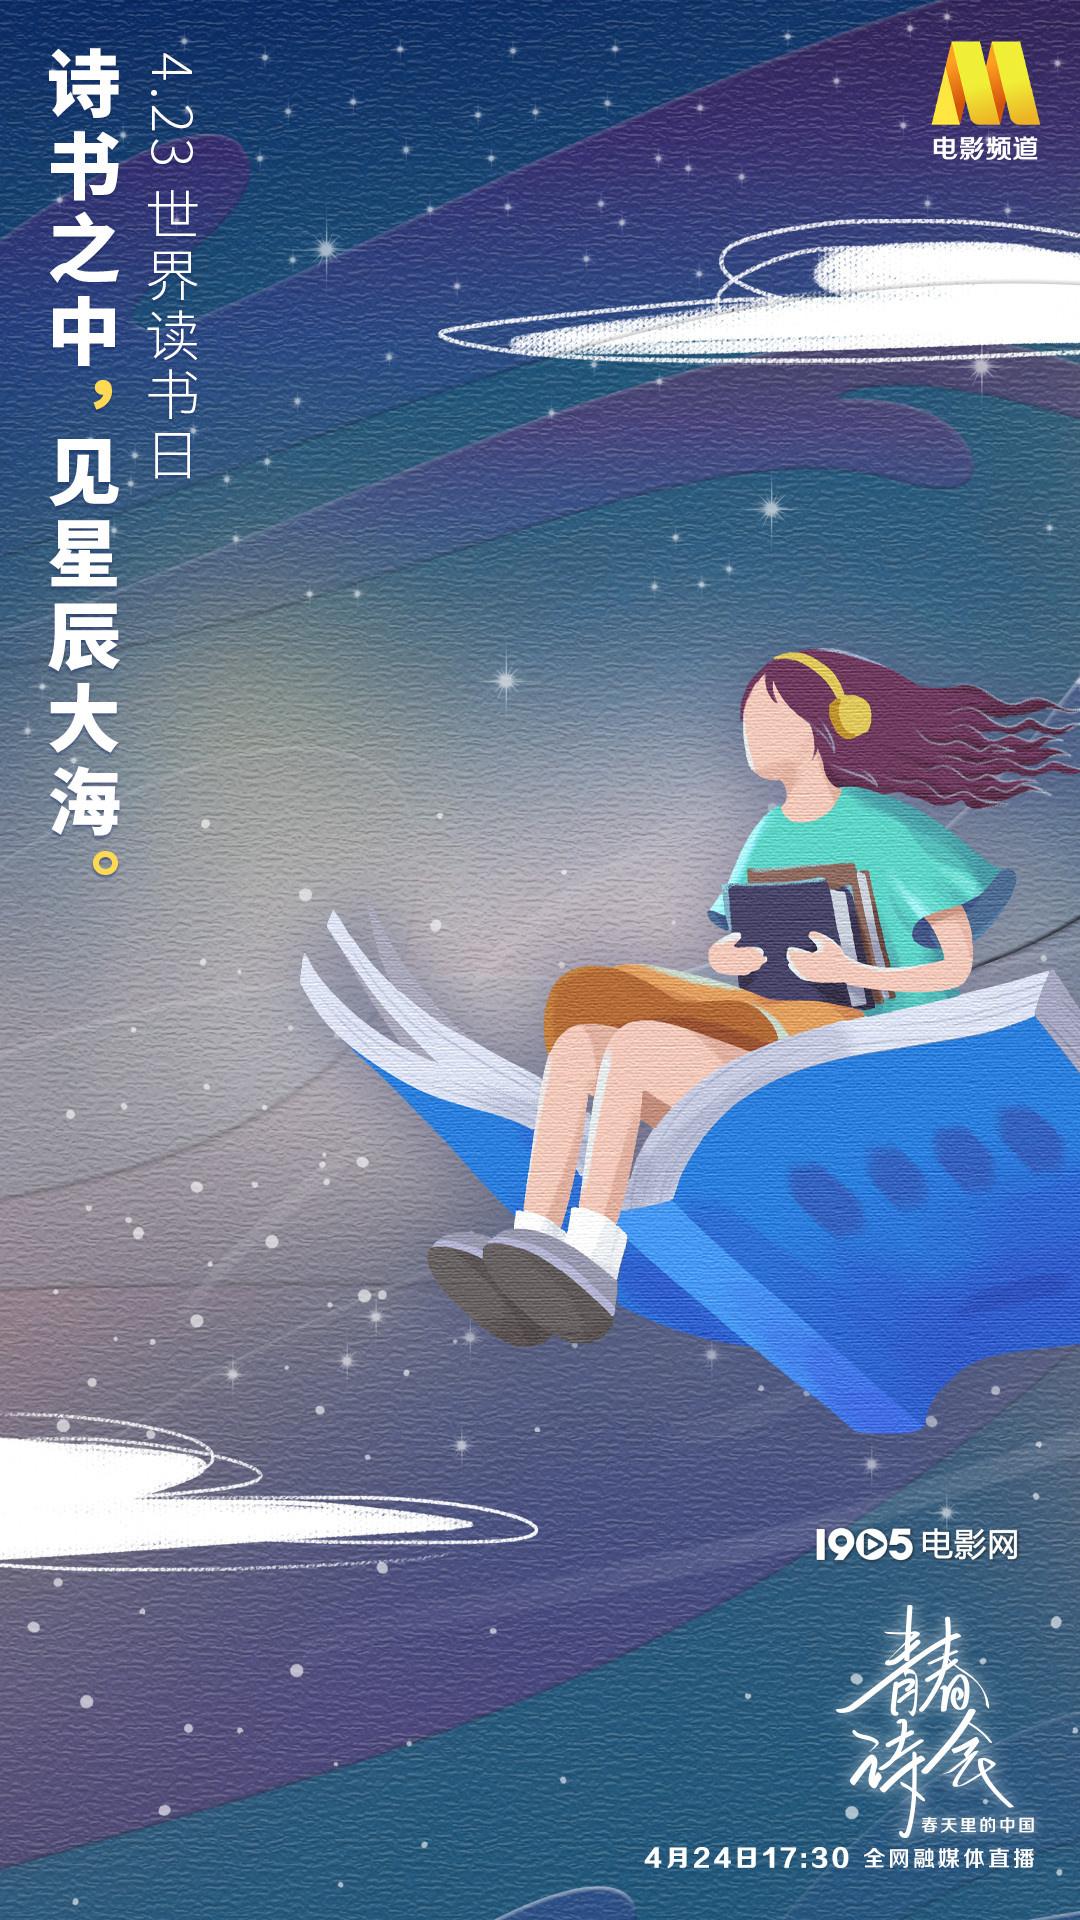 《青春诗会》直播诗咏爱国情 吴京黄晓明致敬时